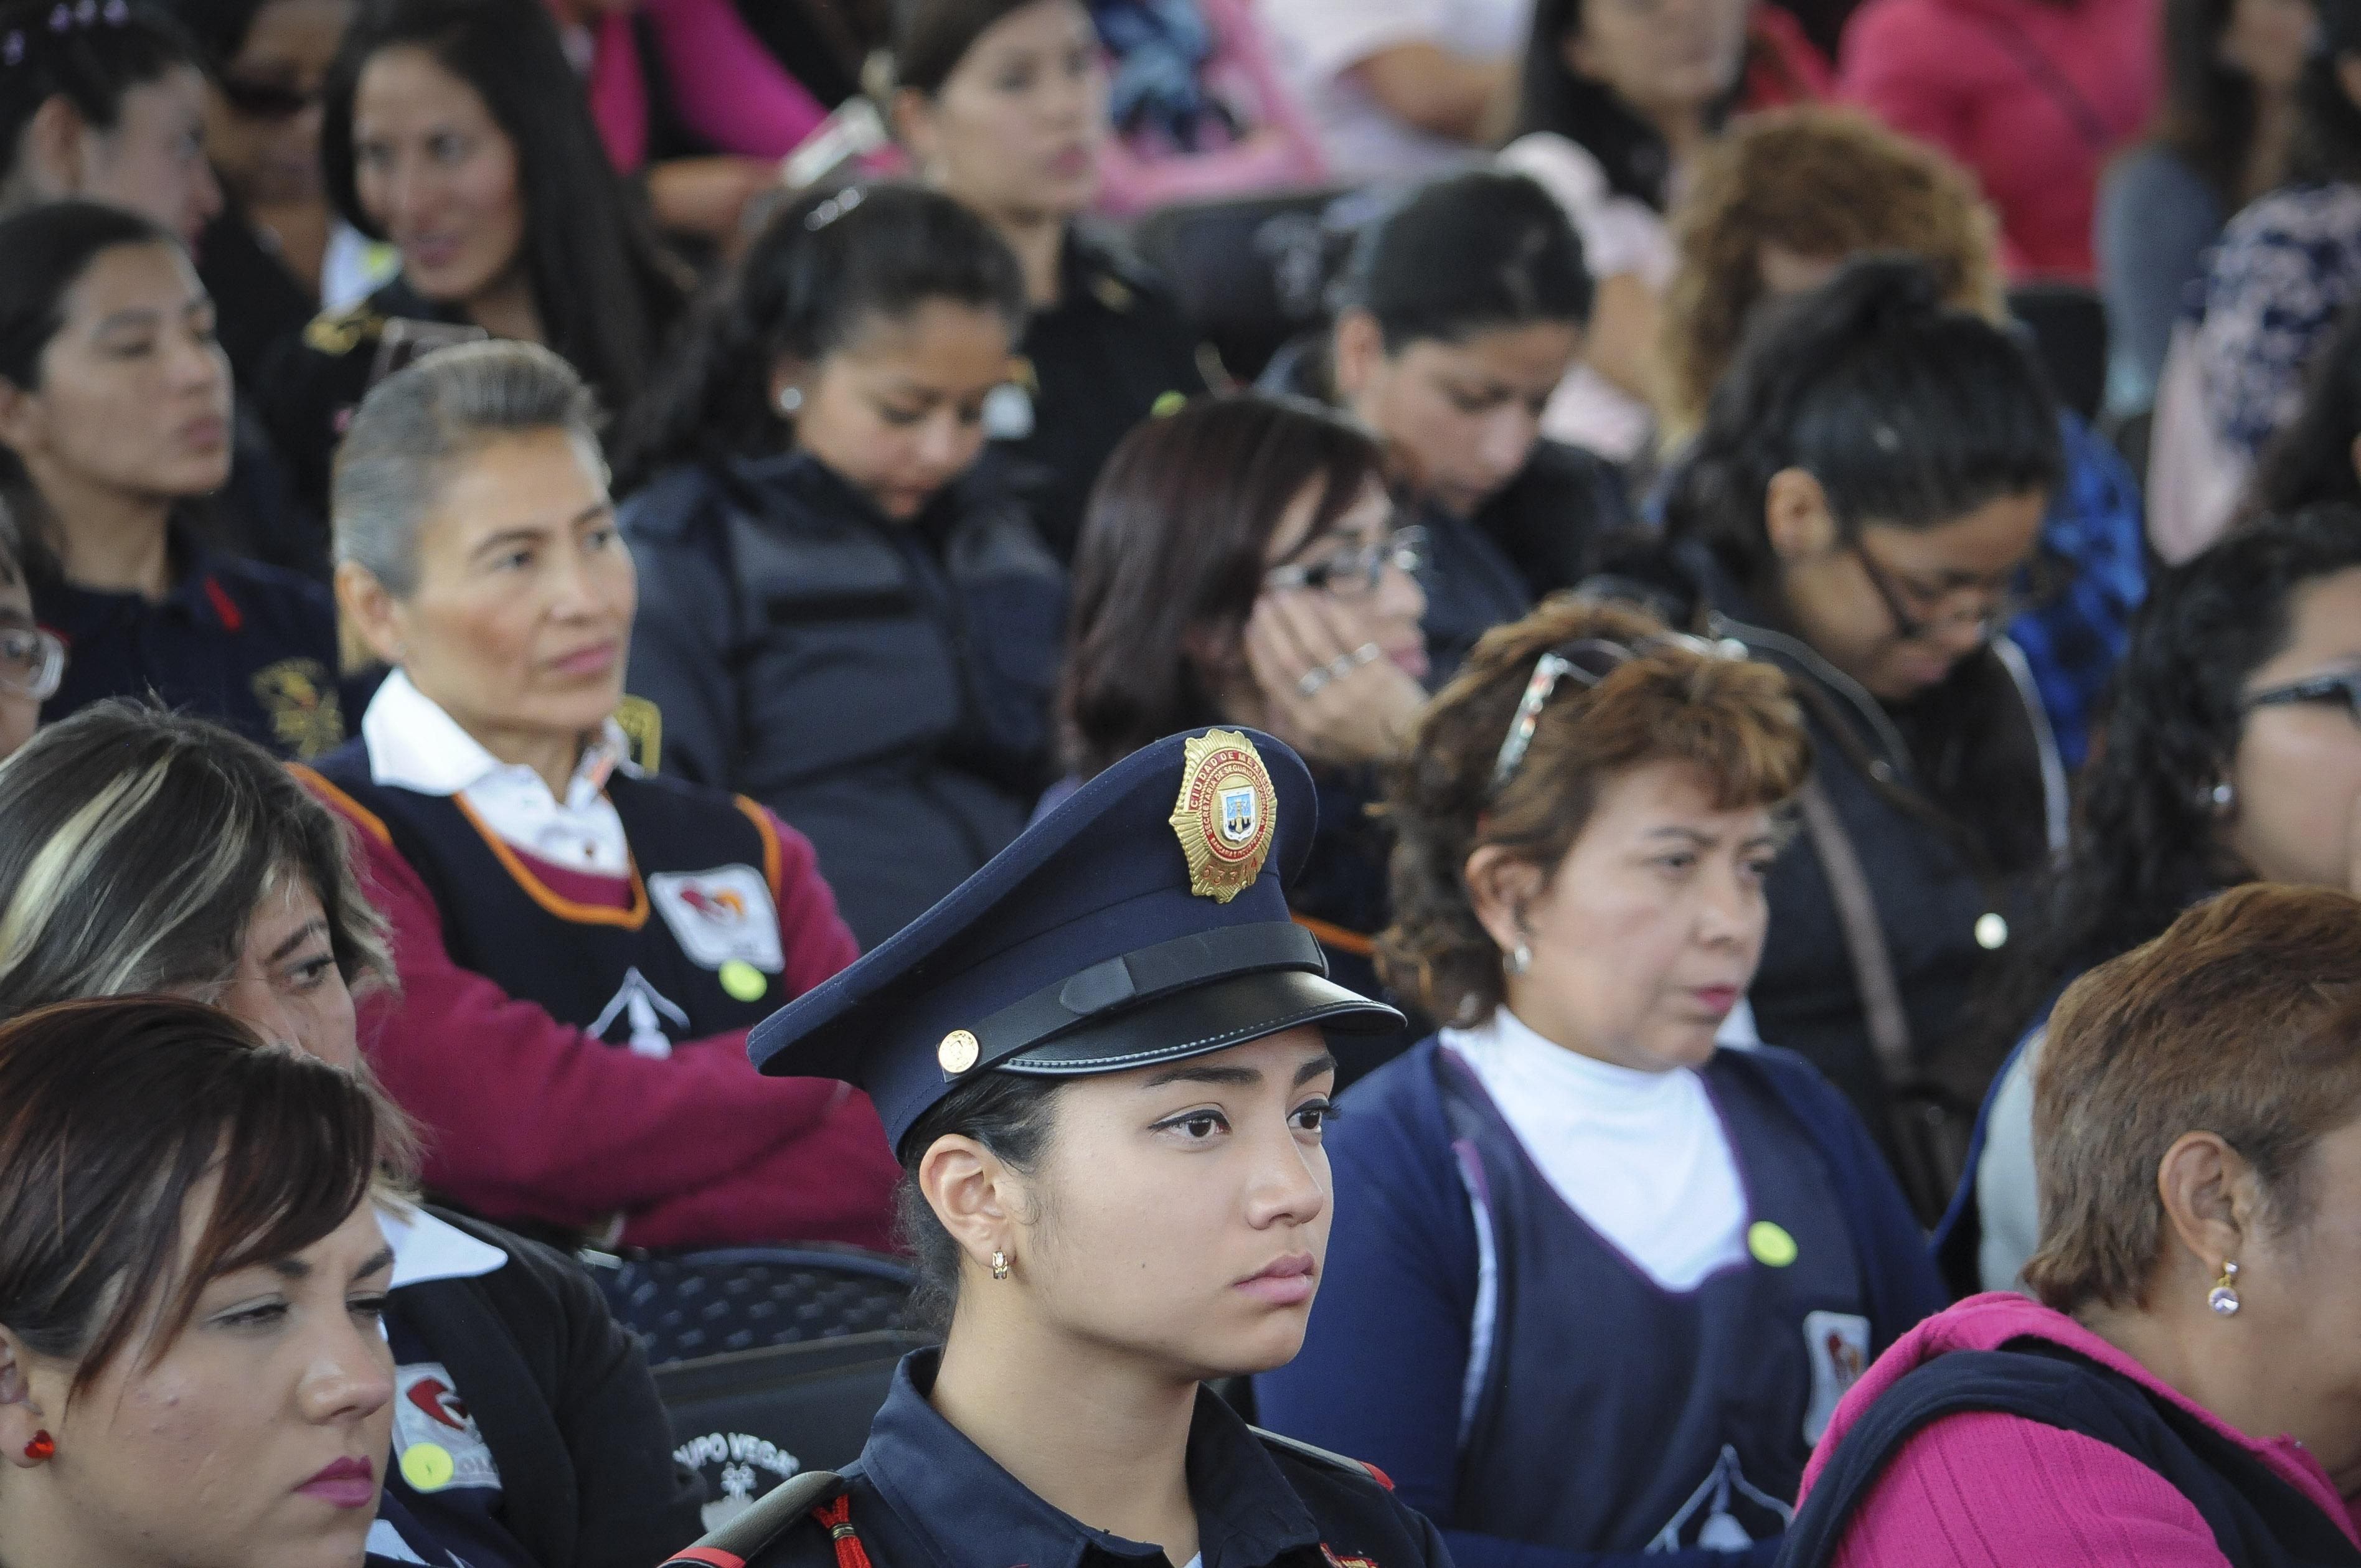 En México se acumula evidencia sobre la insuficiencia, ineficiencia e inefectividad del gasto para desarrollo...